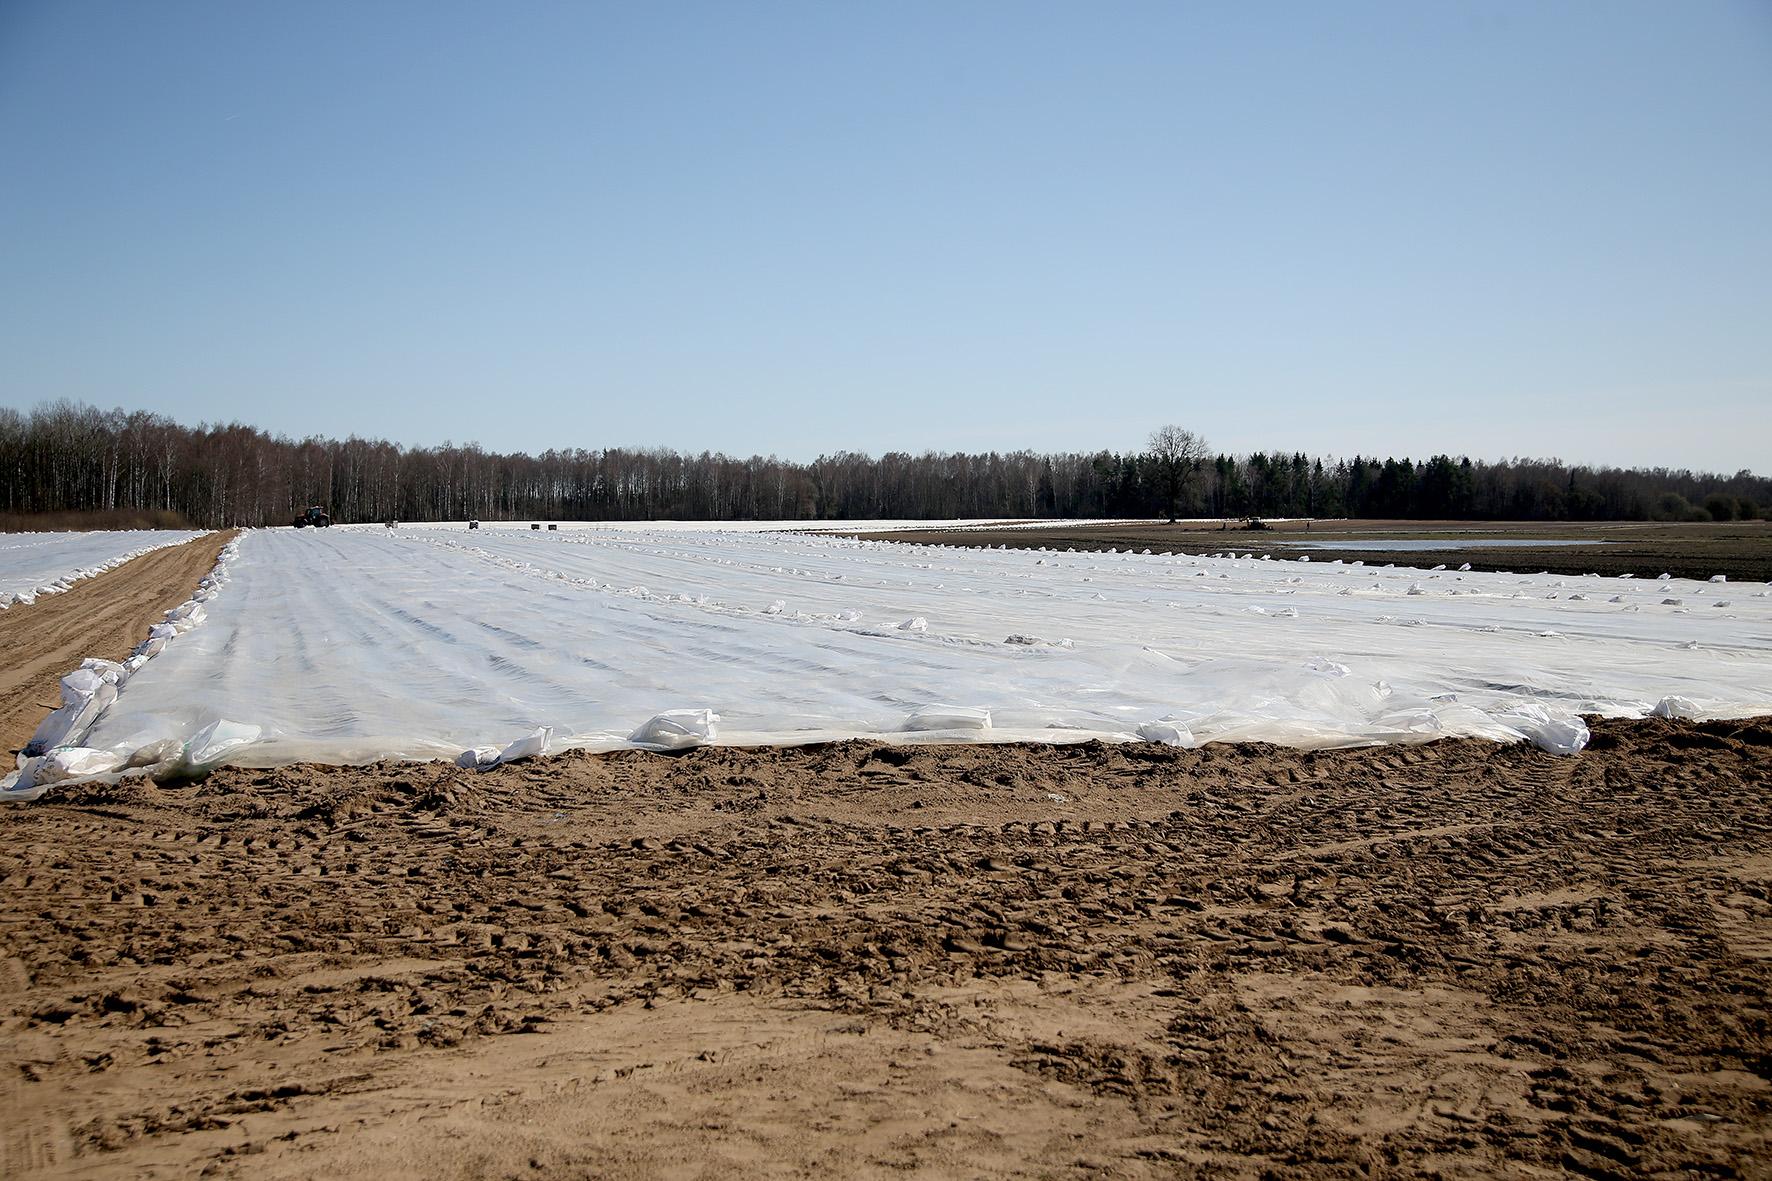 Ūkininkas Saulius Dambrauskas pažymi, jog šiųmetis bulviasodis tikrai vėluoja, mat pernai bulvės buvo sodinamos kovo 24–25 dienomis. Šiemet reikėjo palaukti dar dešimt dienų ilgiau. A. Barzdžiaus nuotr.